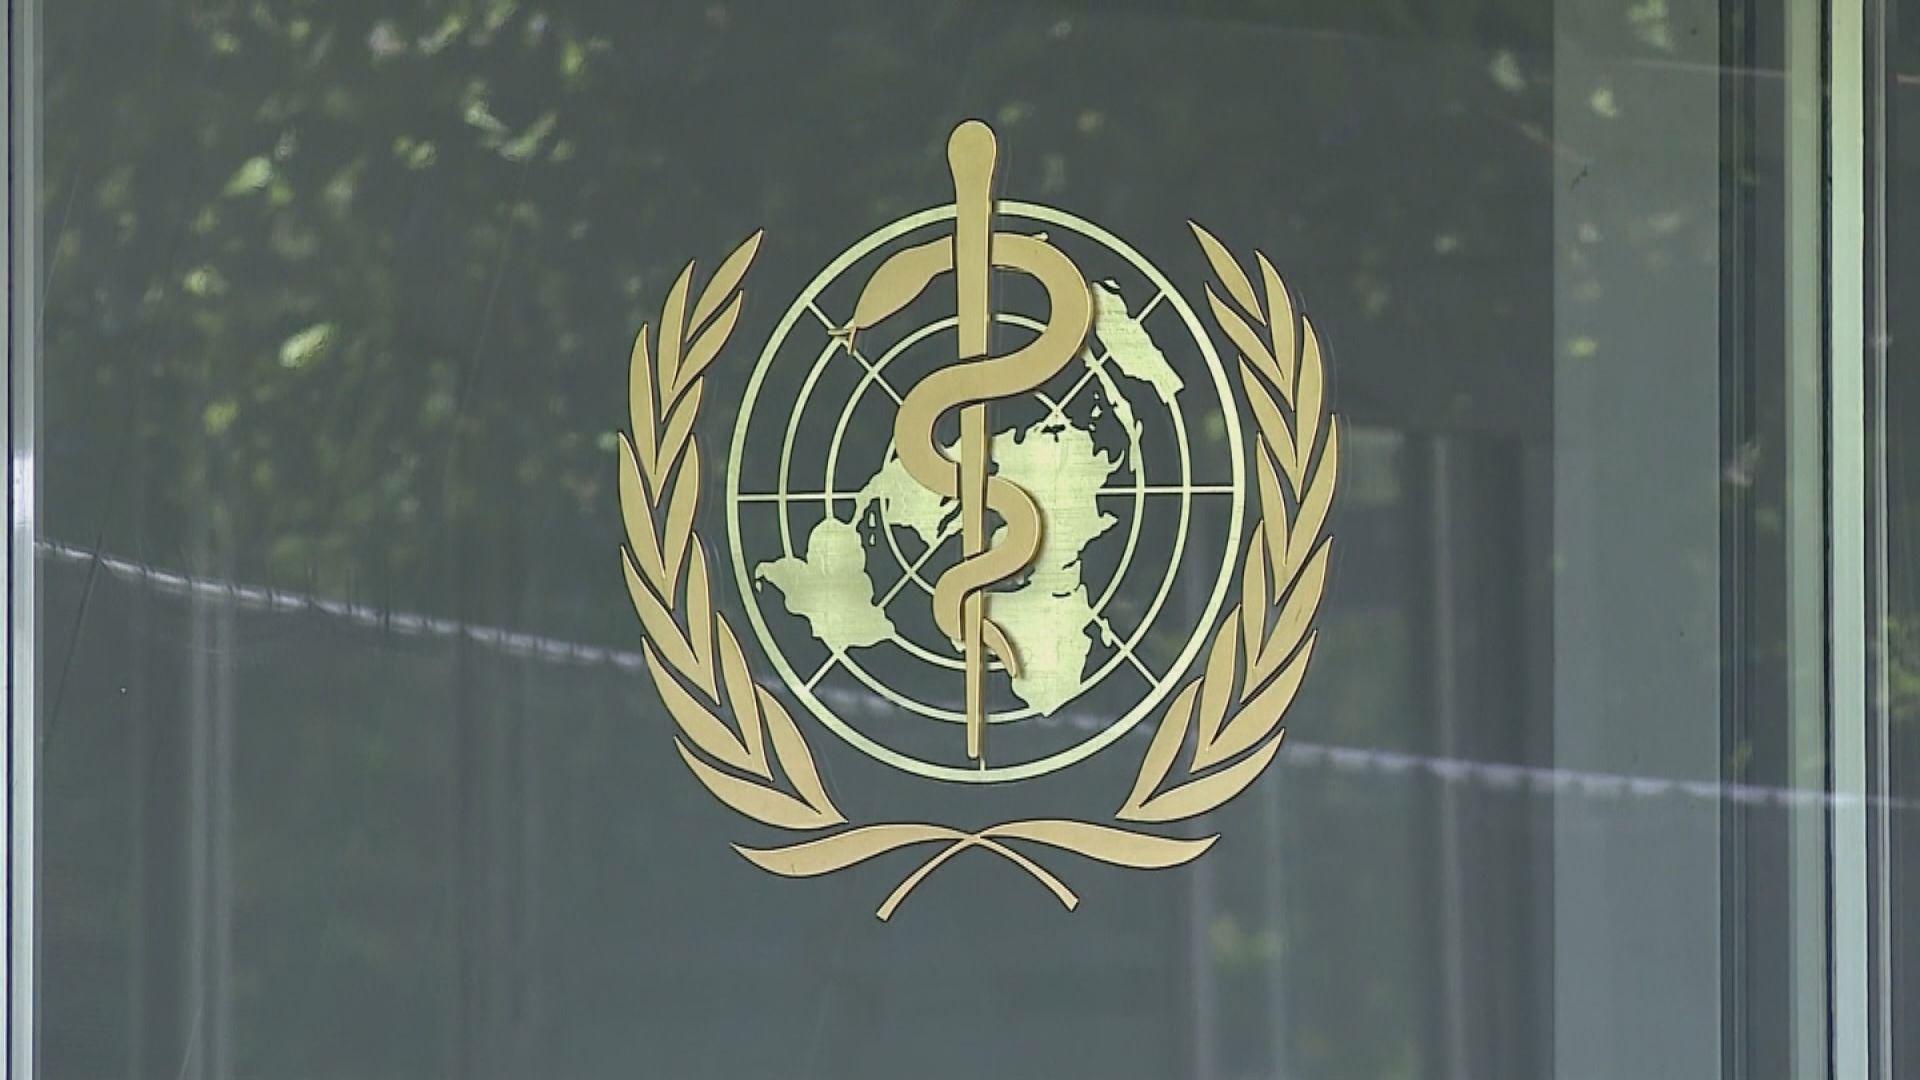 世衛據報將成立新專家組重啟新冠疫情溯源調查